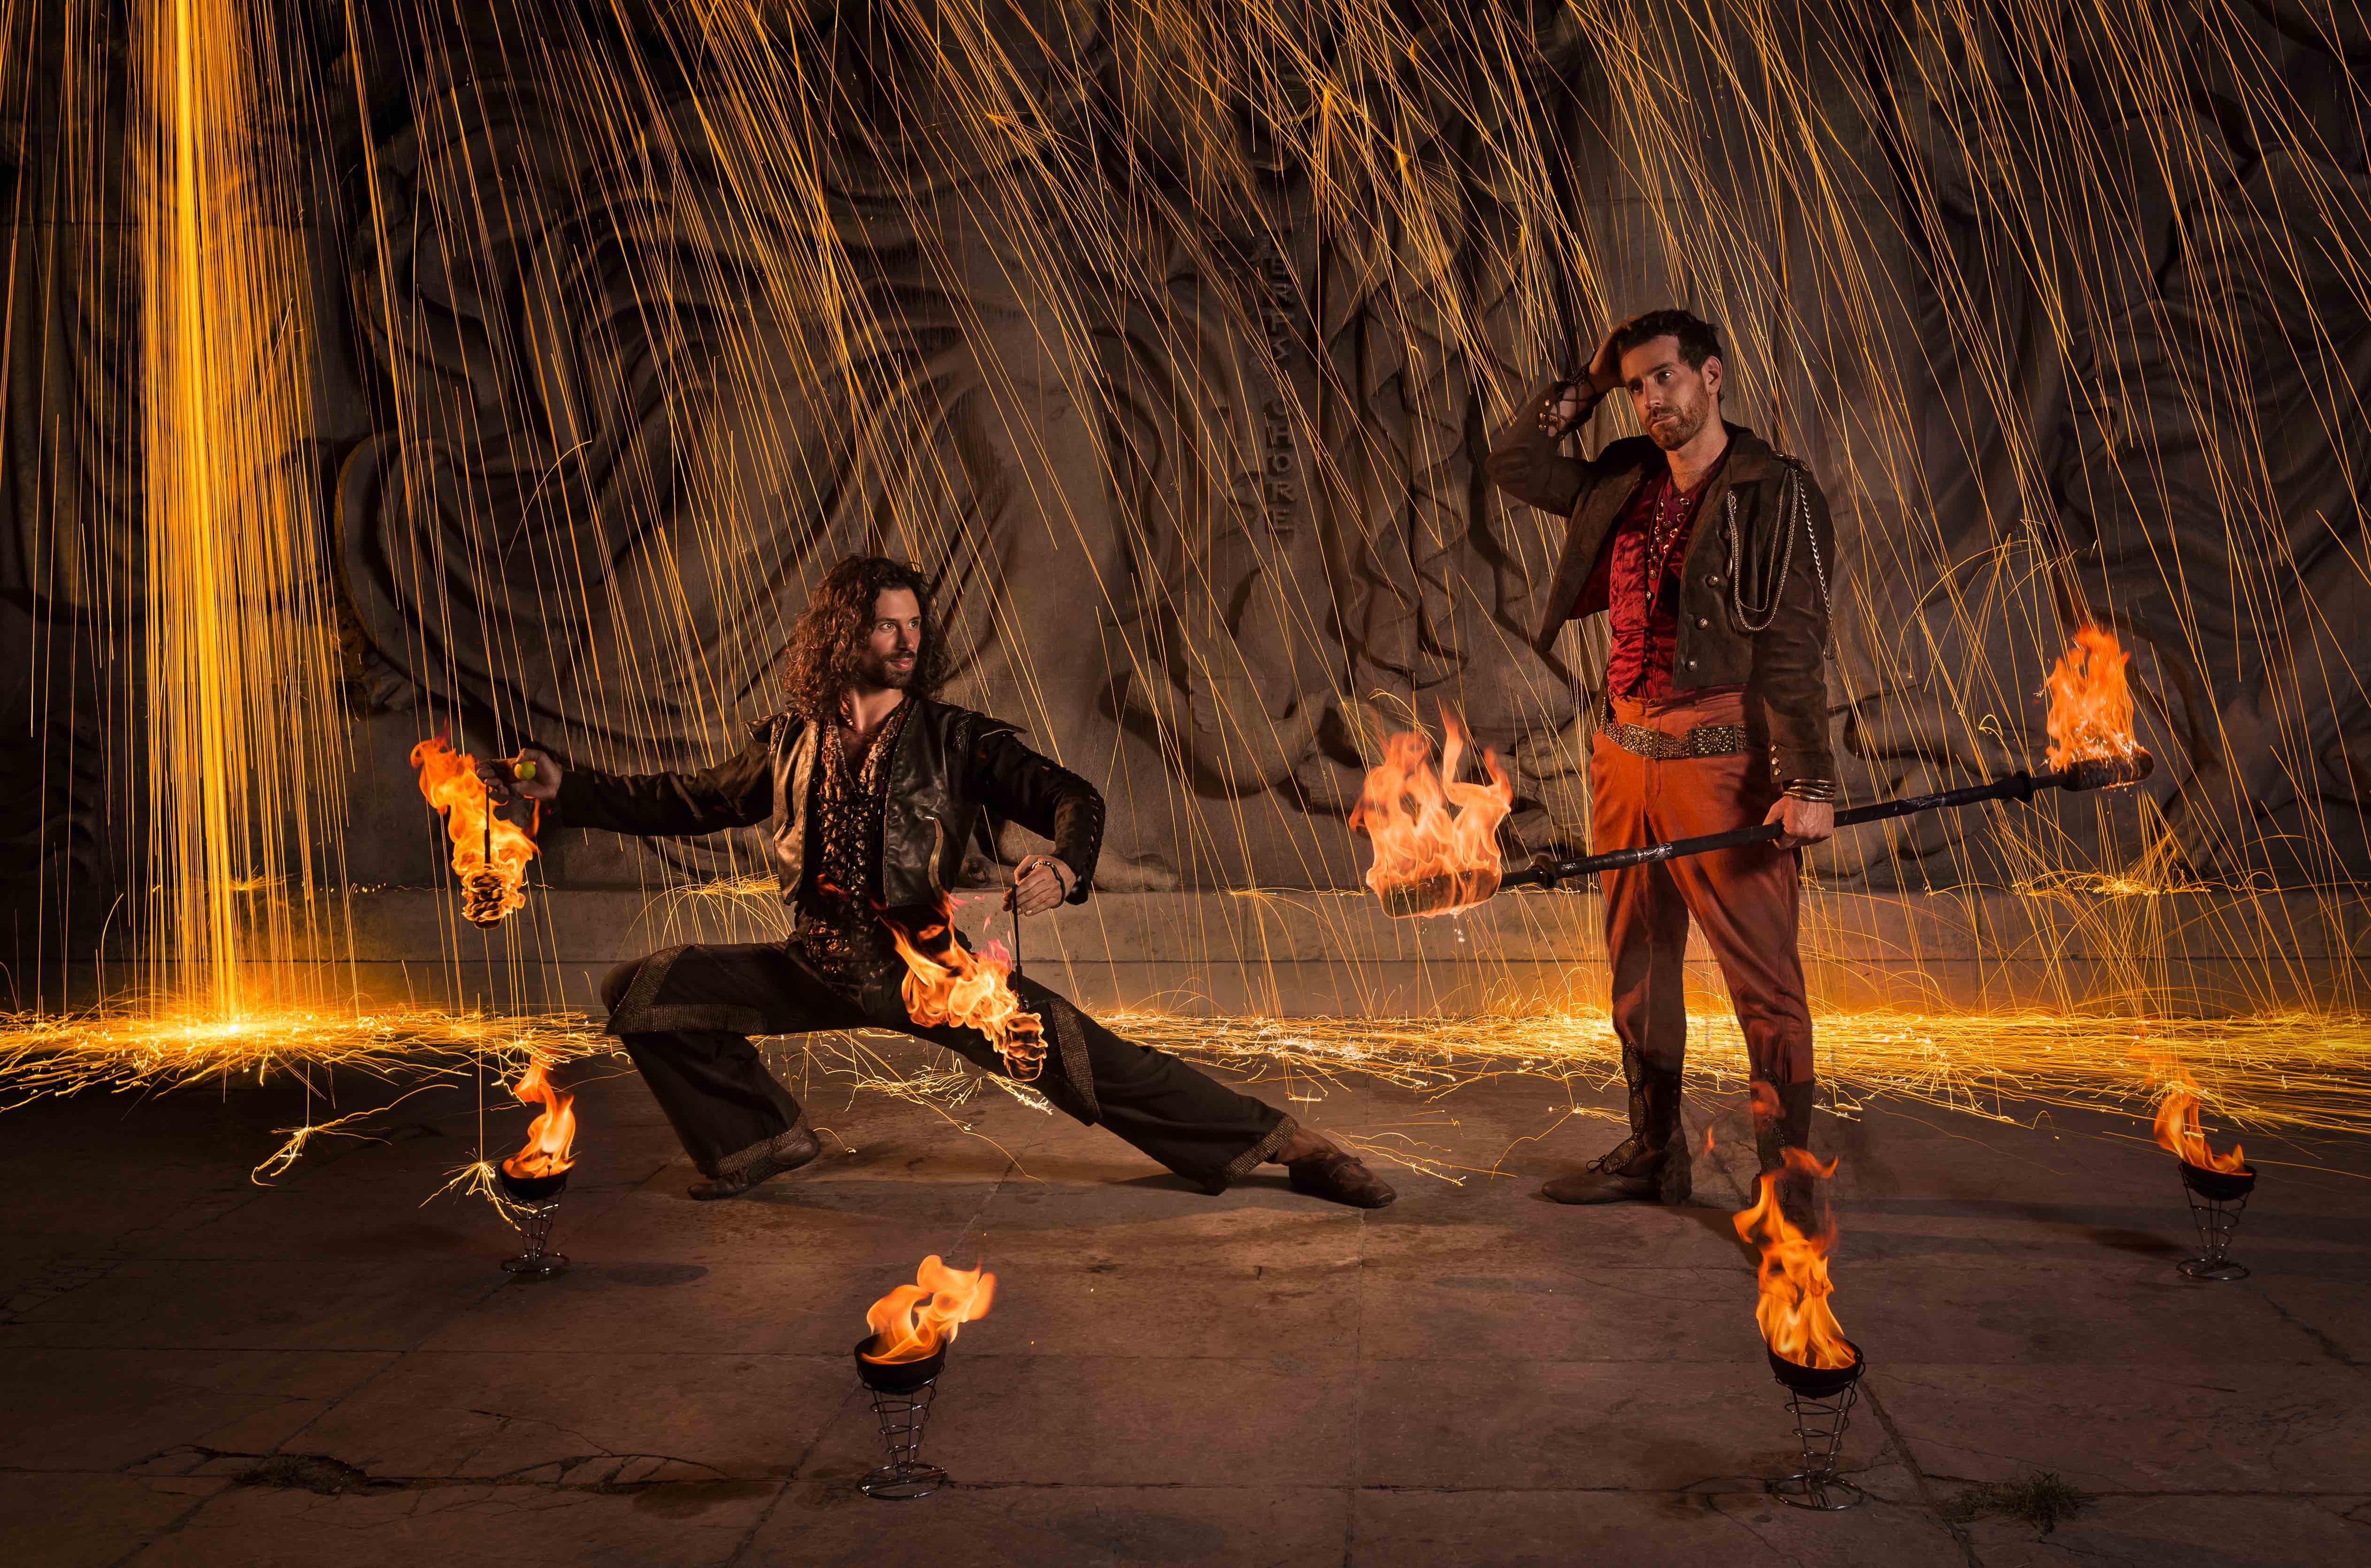 Le point d'orgue de cet événement sera le nouveau spectacle pyrotechnique qui se mariera, pour la première fois dans l'Est de la France, avec la compagnie des Arts de feu,  « SuperCho ».